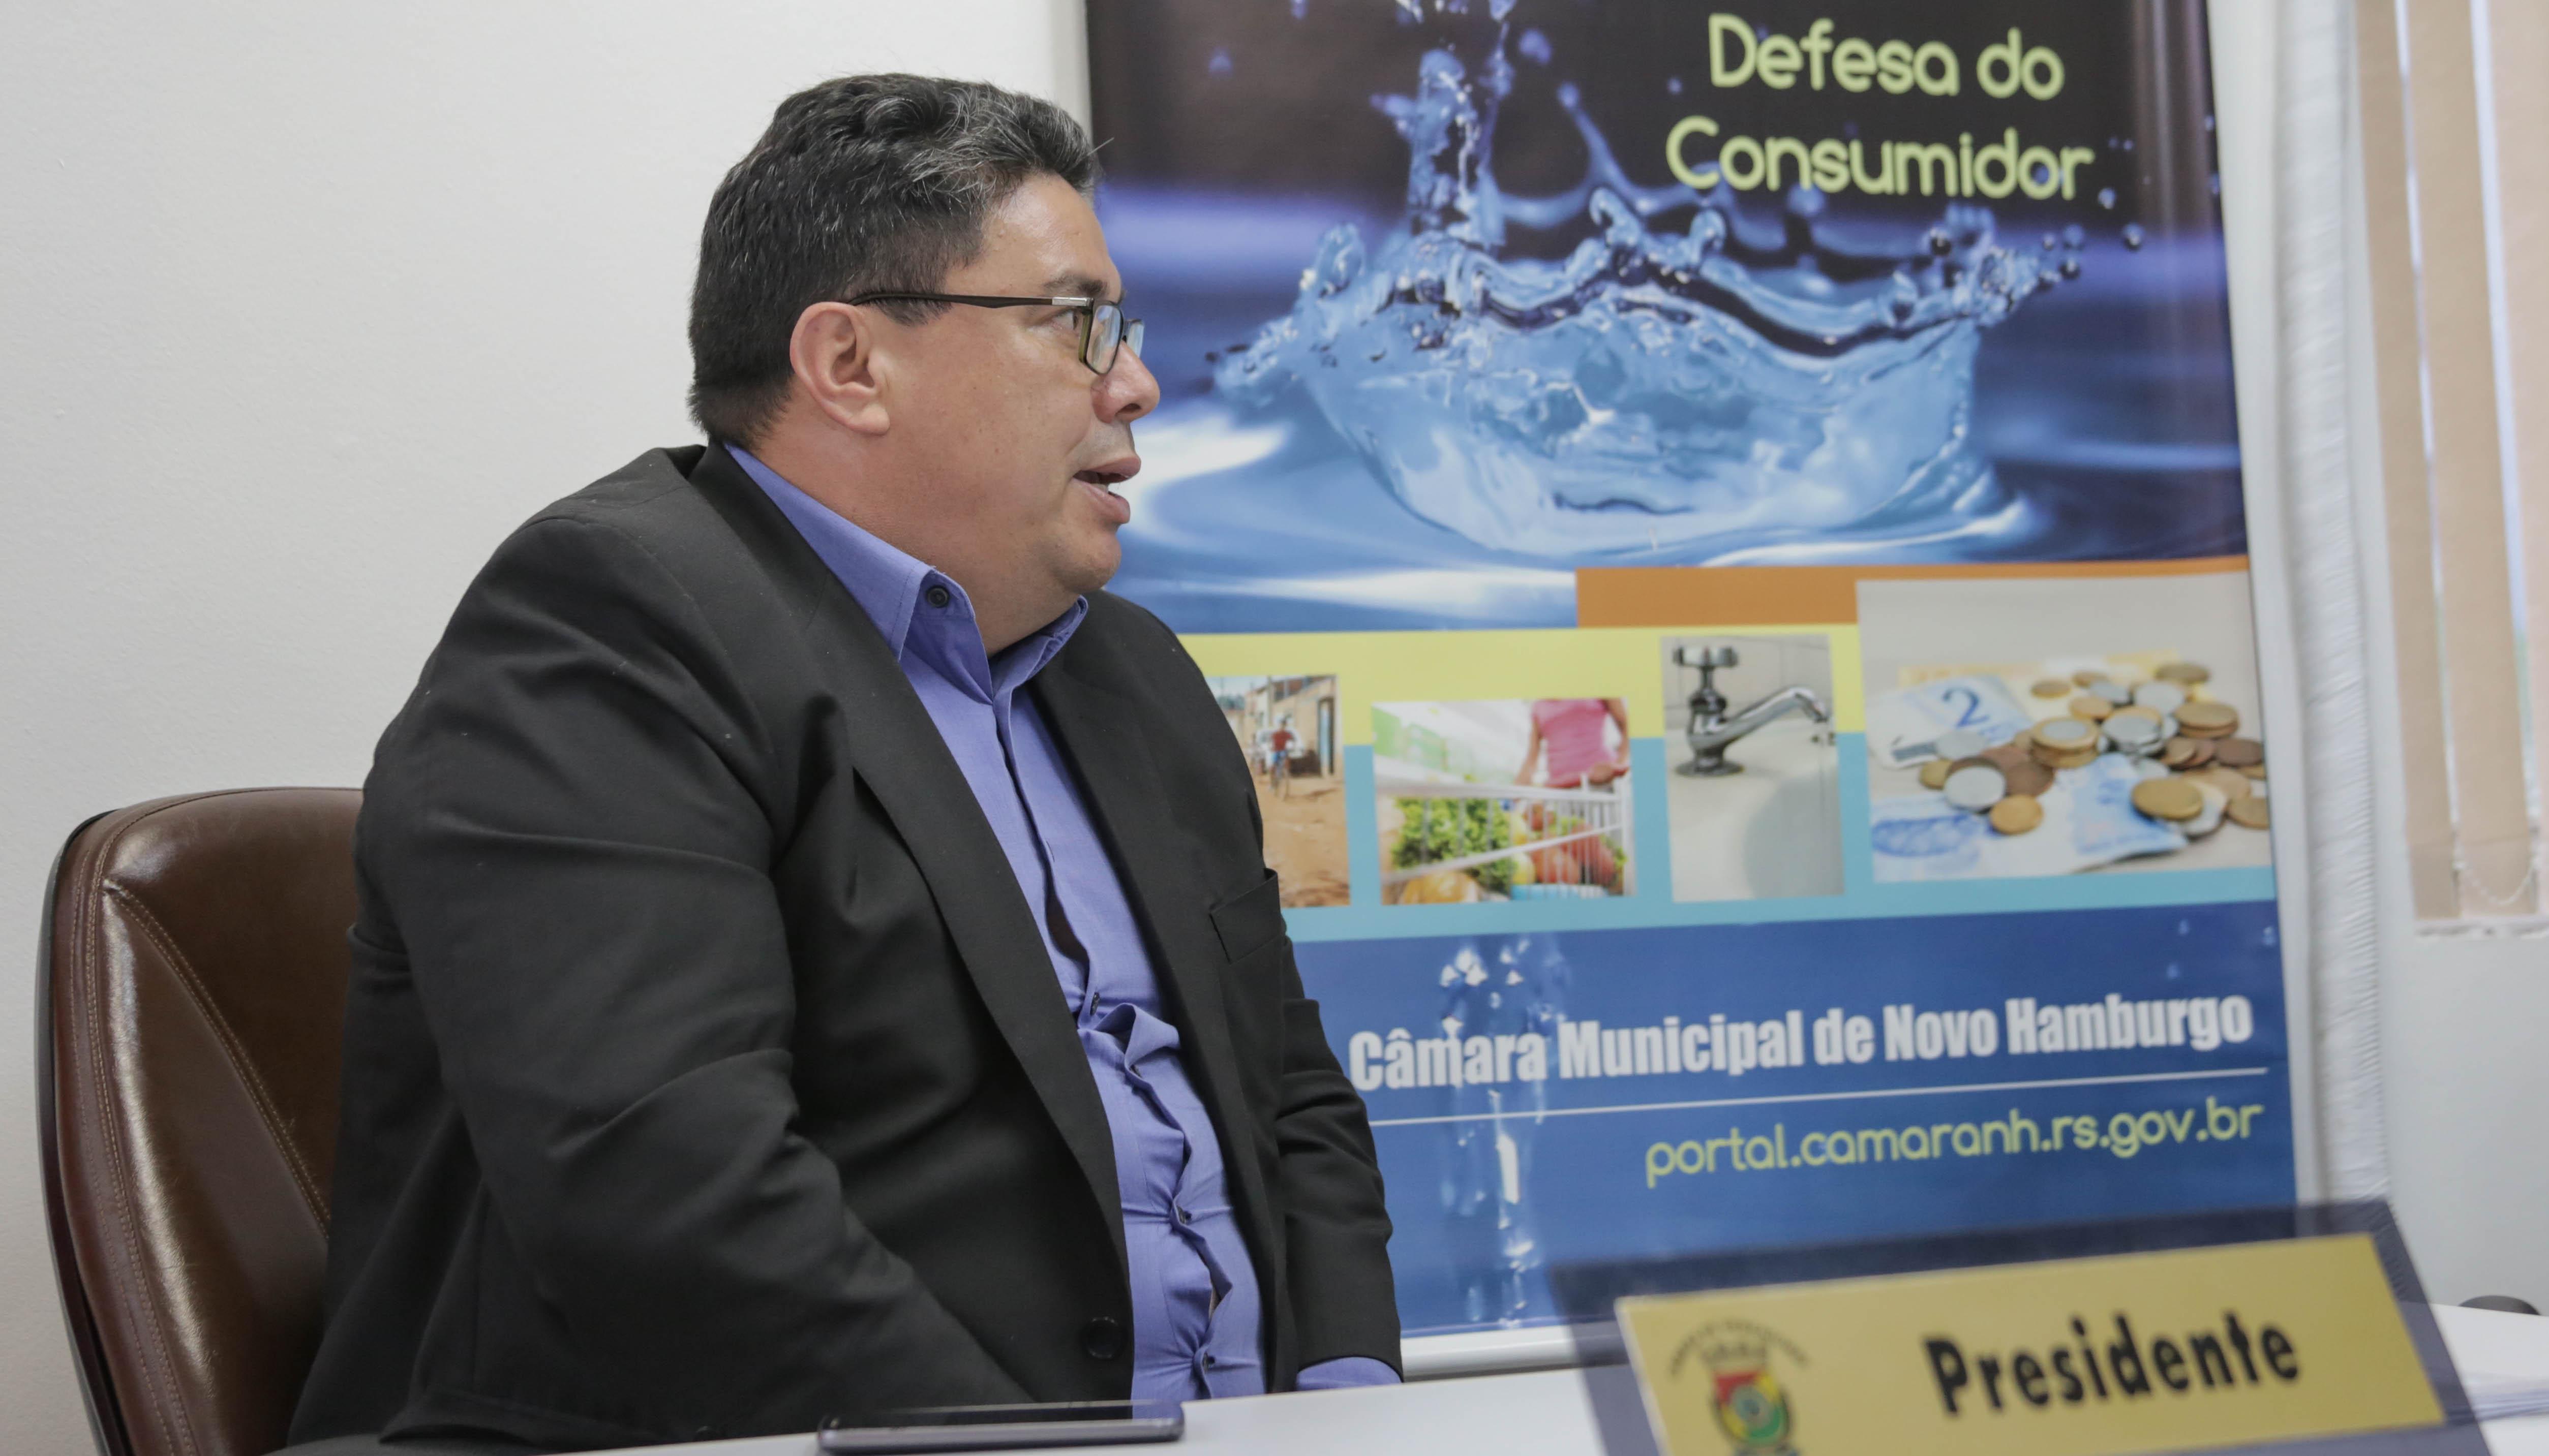 Comissão solicita informações à Prefeitura sobre terreno no bairro Operário